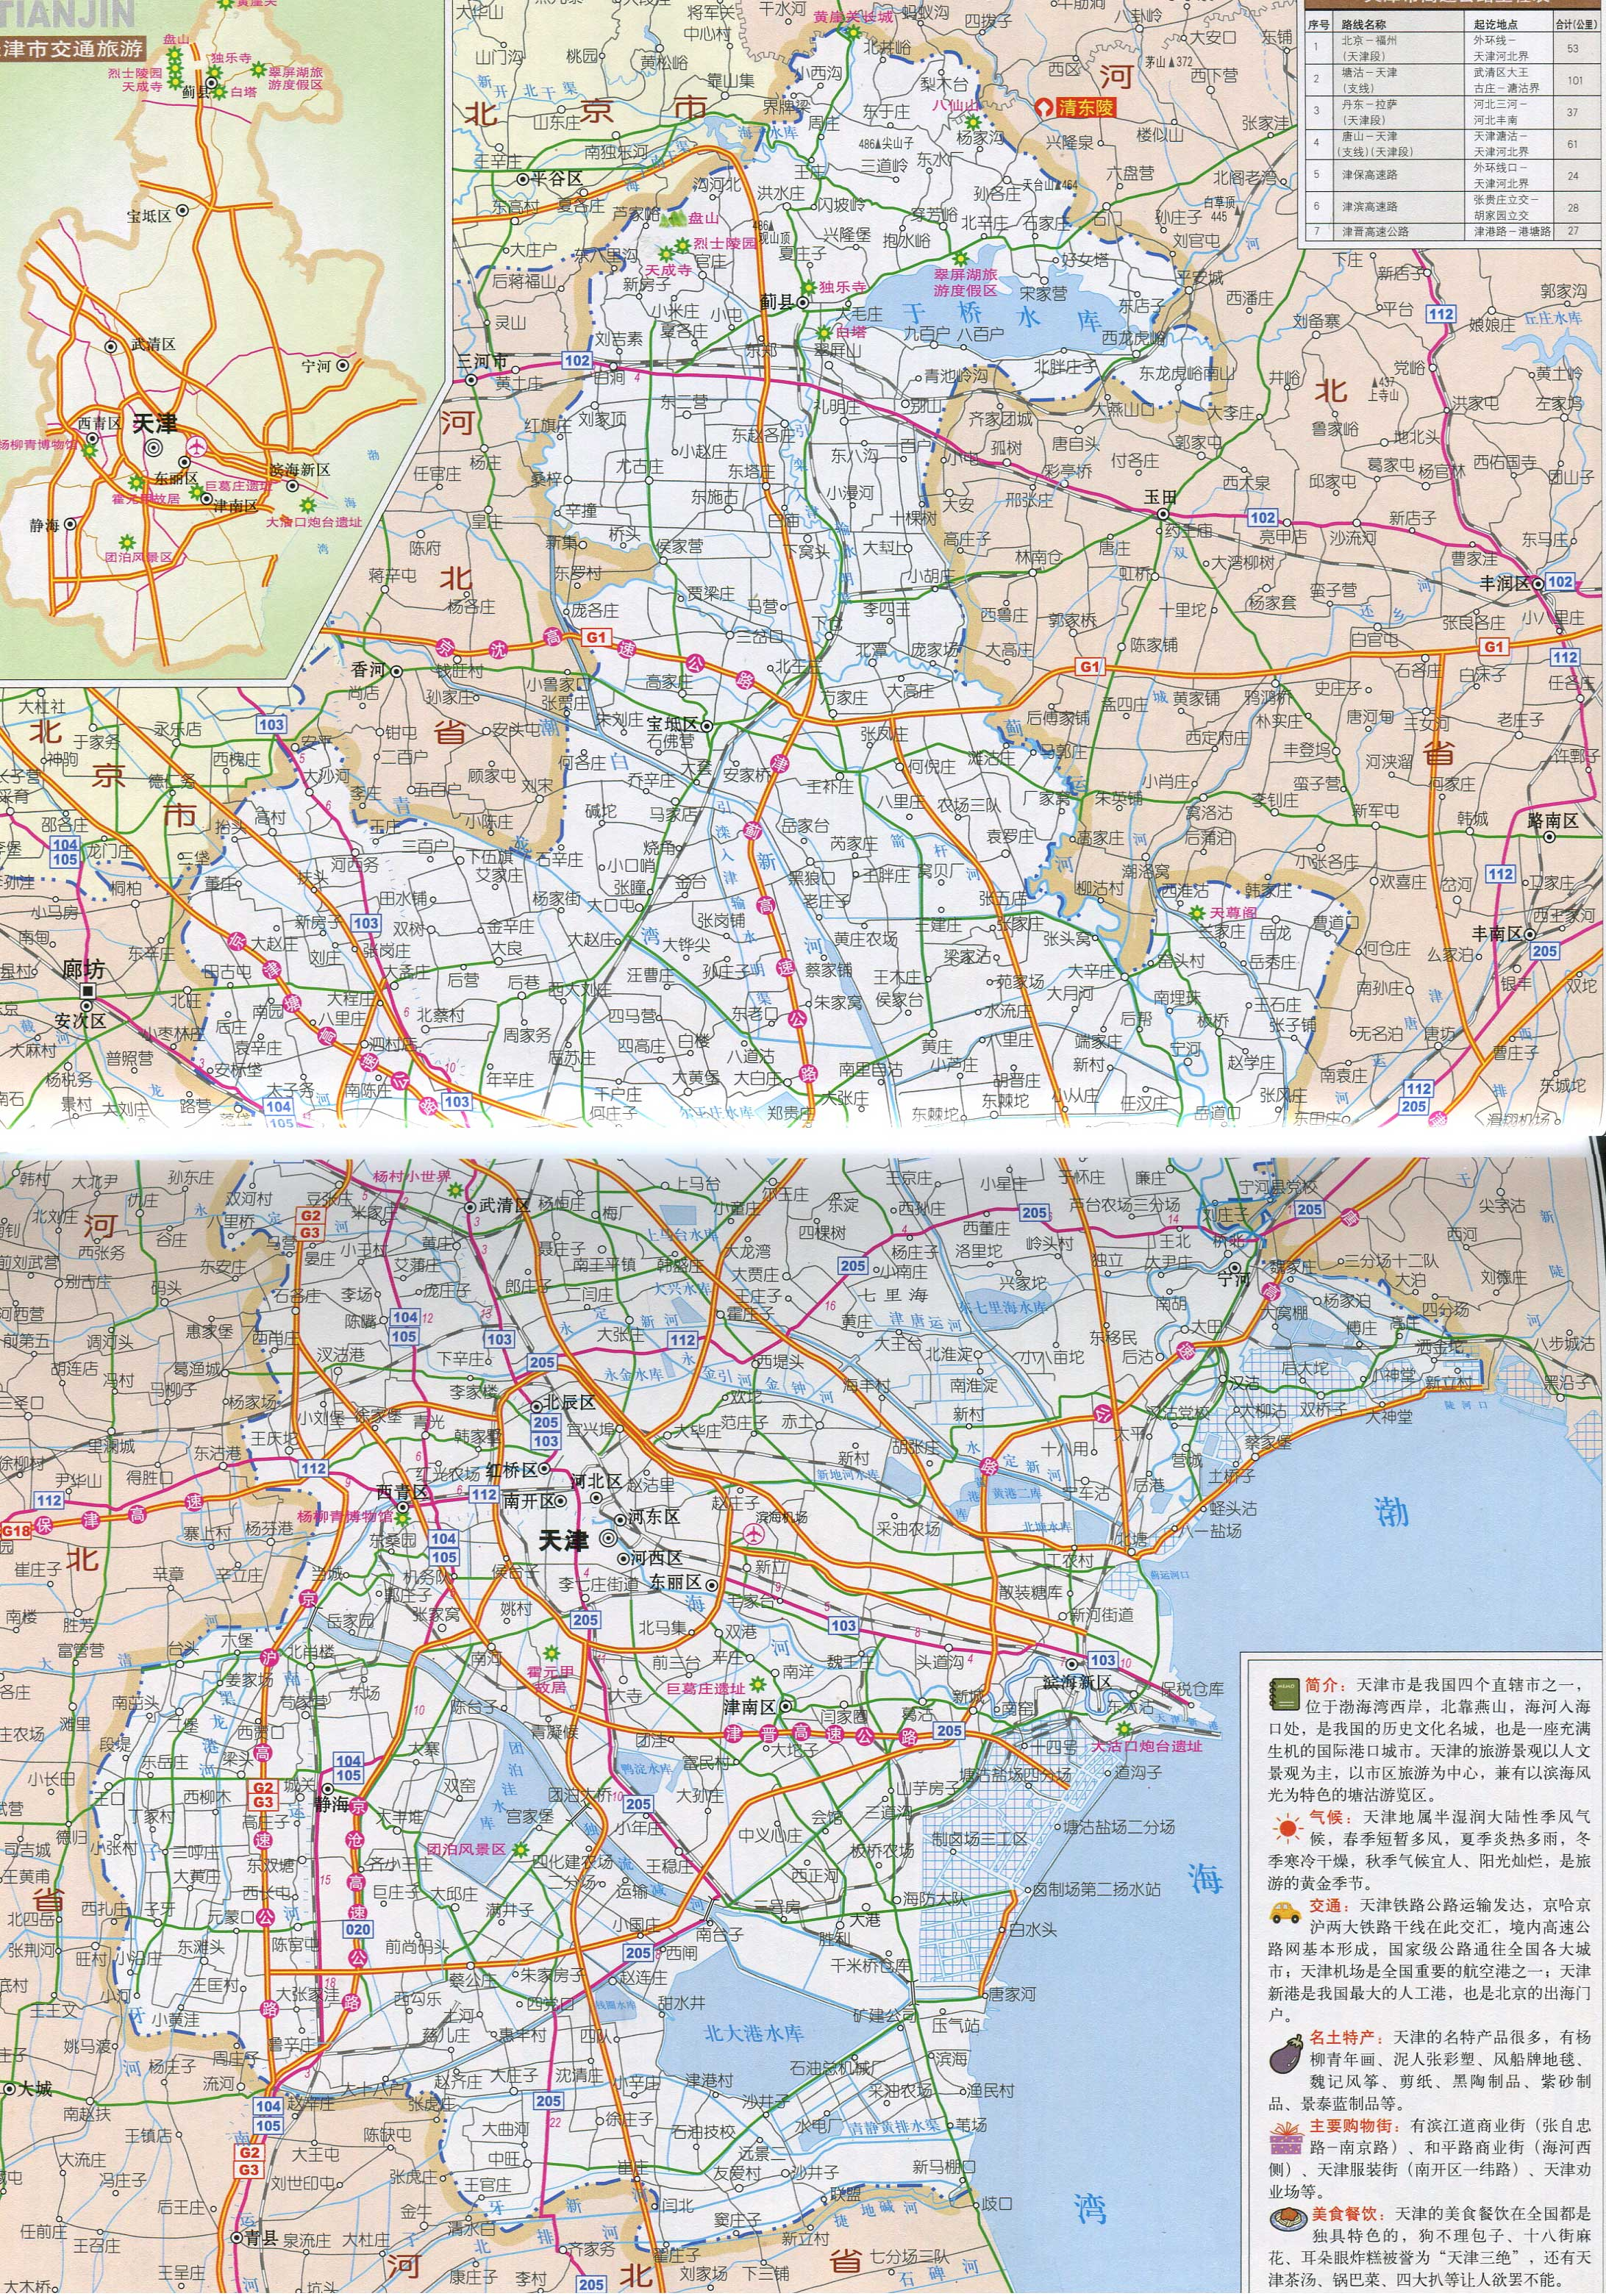 天津市旅游交通地图